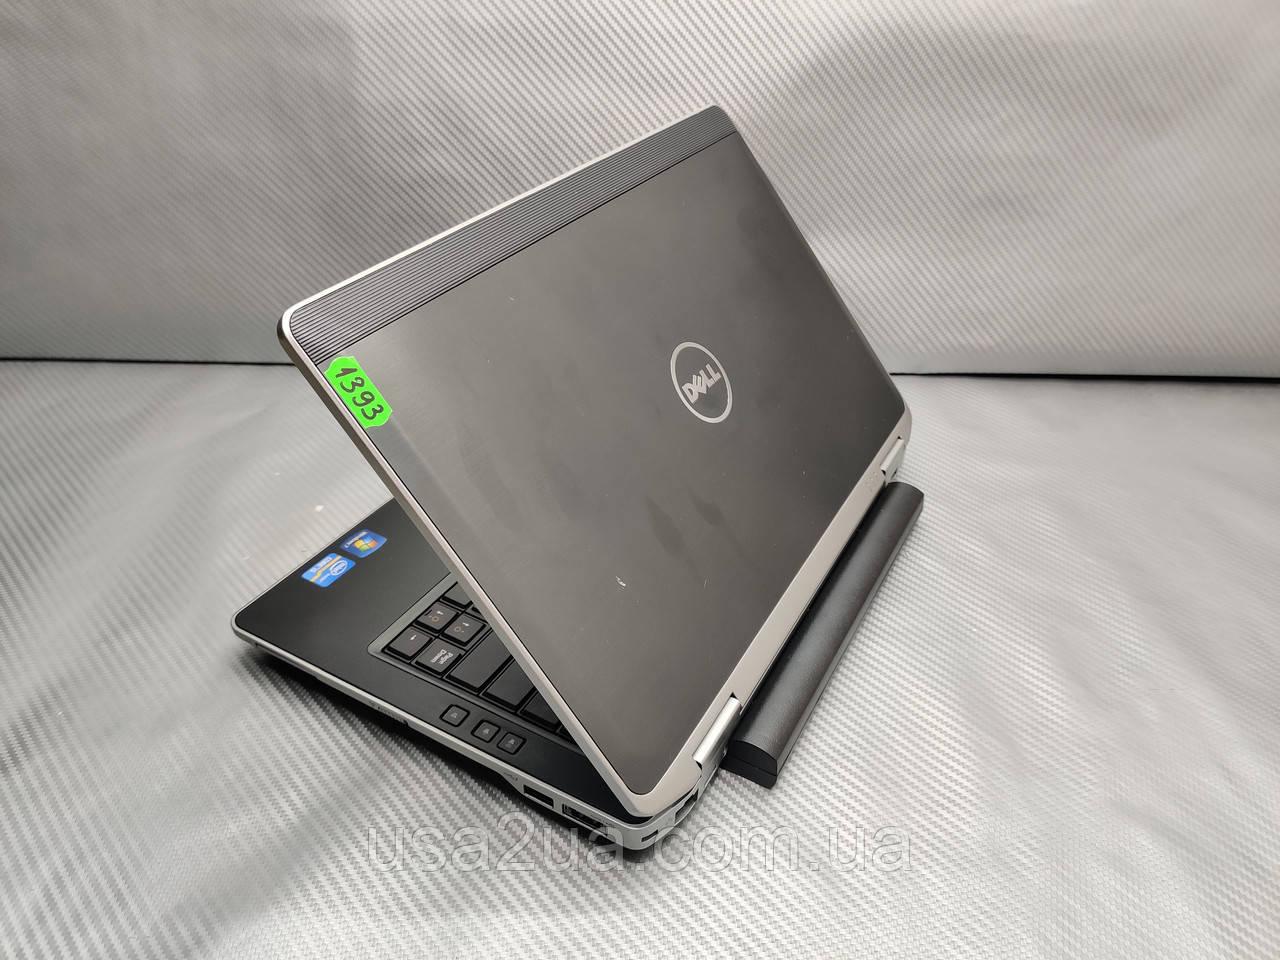 Ноутбук Dell Latitude E6330 Core I5 3Gen 4Gb 500Gb WEB Кредит Гарантия Доставка